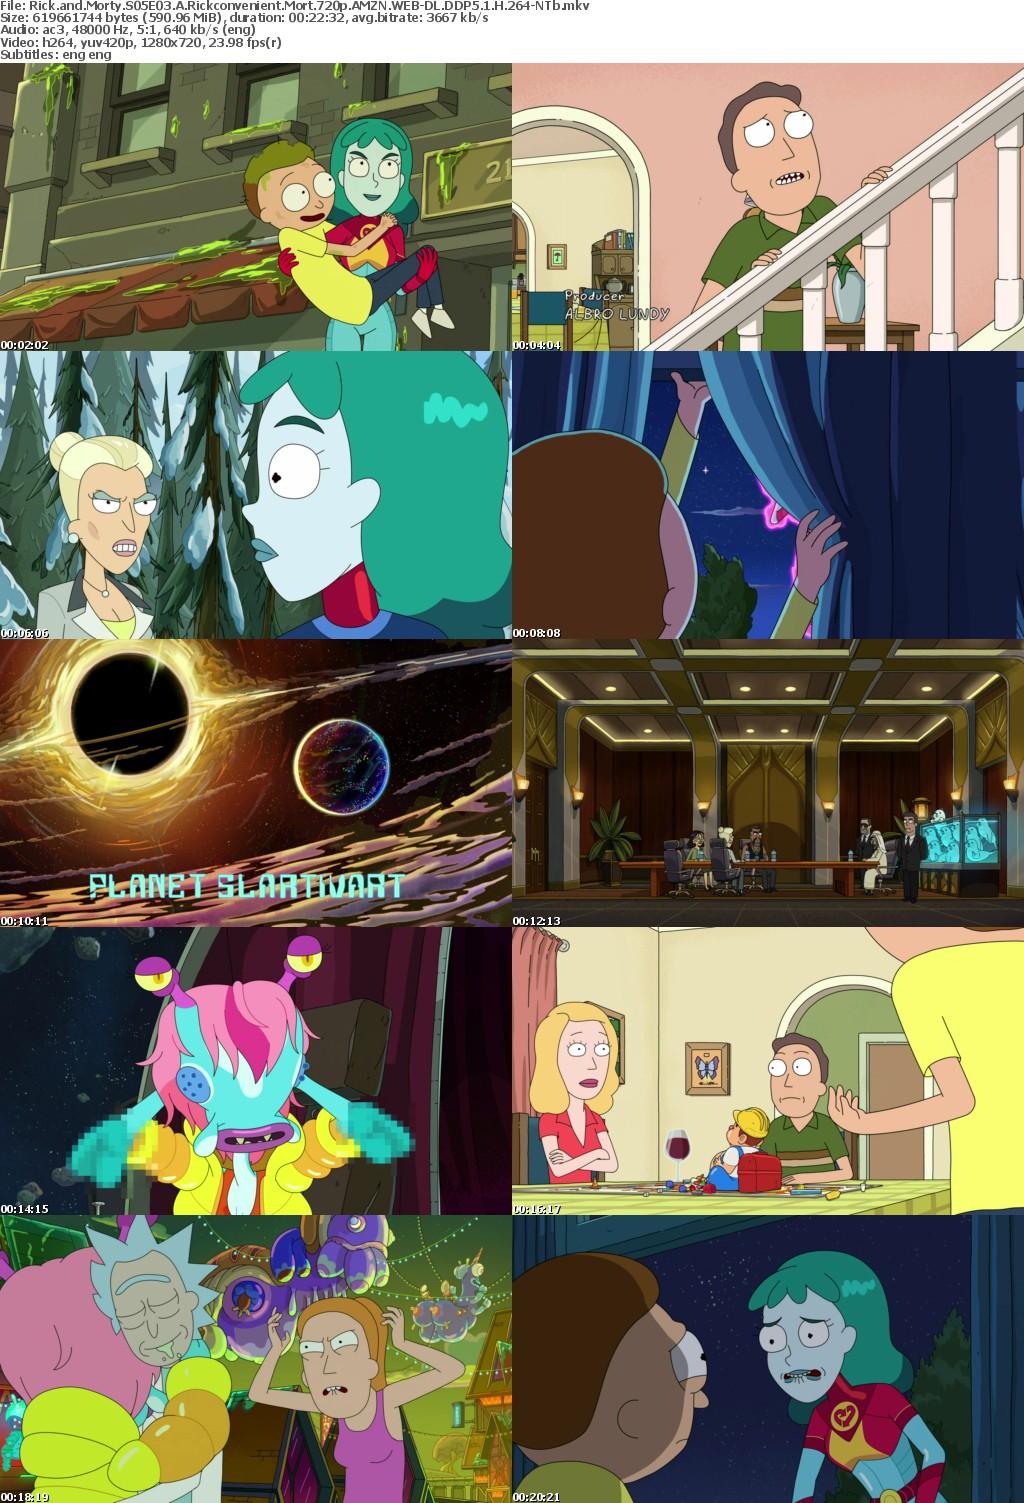 Rick and Morty S05E03 A Rickconvenient Mort 720p AMZN WEBRip DDP5 1 x264-NTb